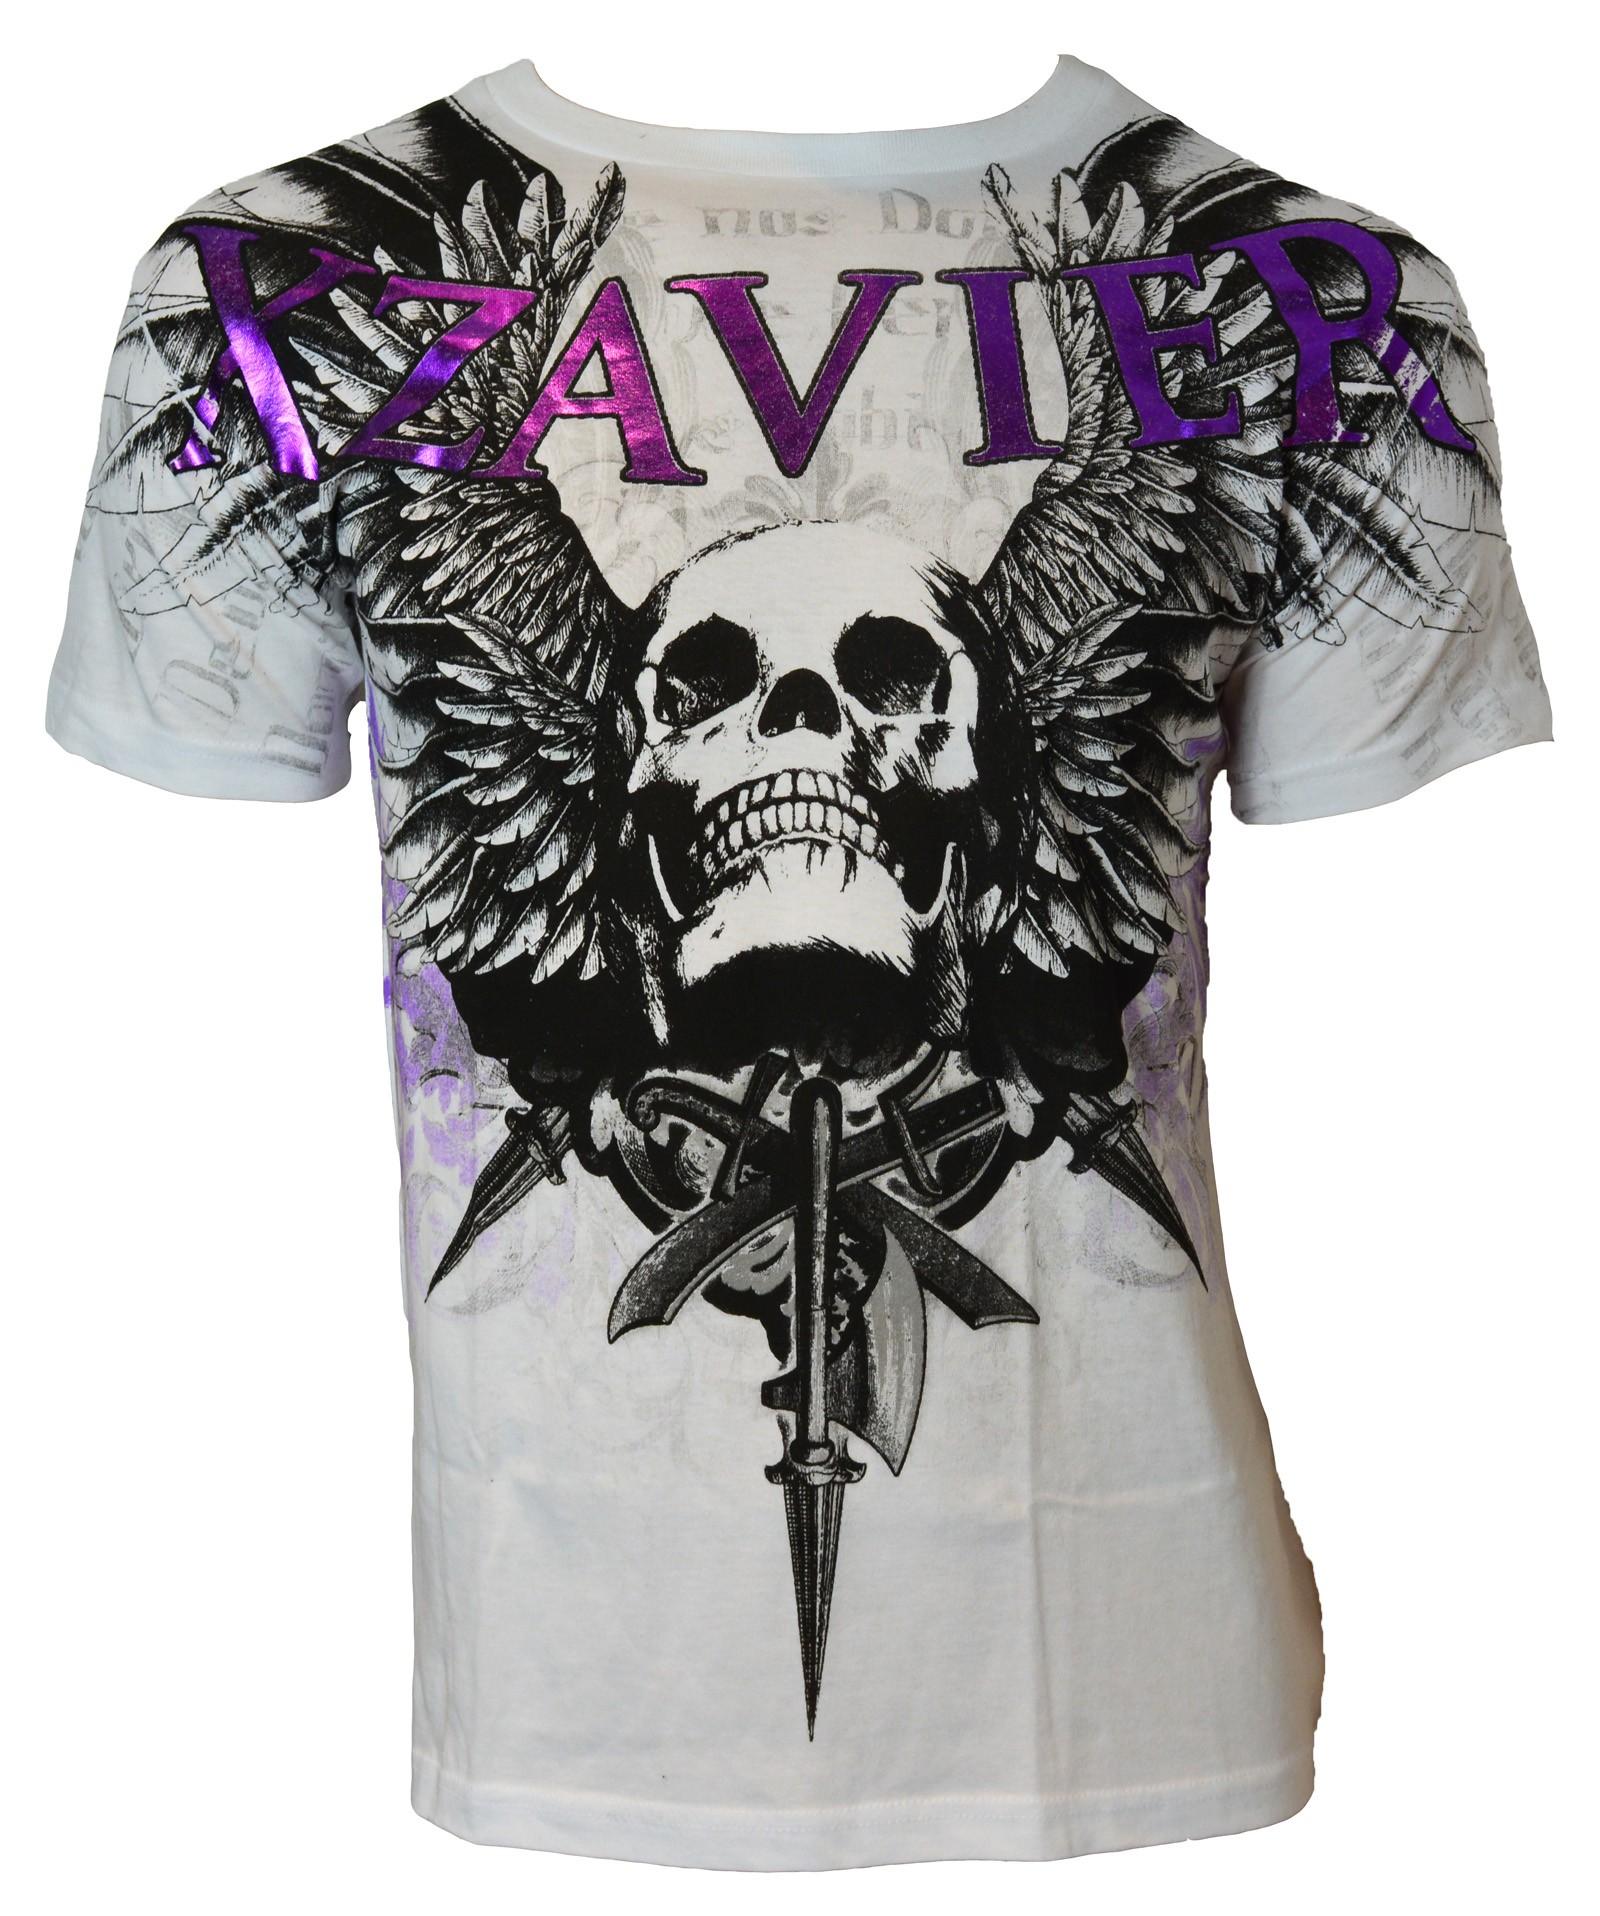 Xzavier - Fearless Flight T-Shirt Front